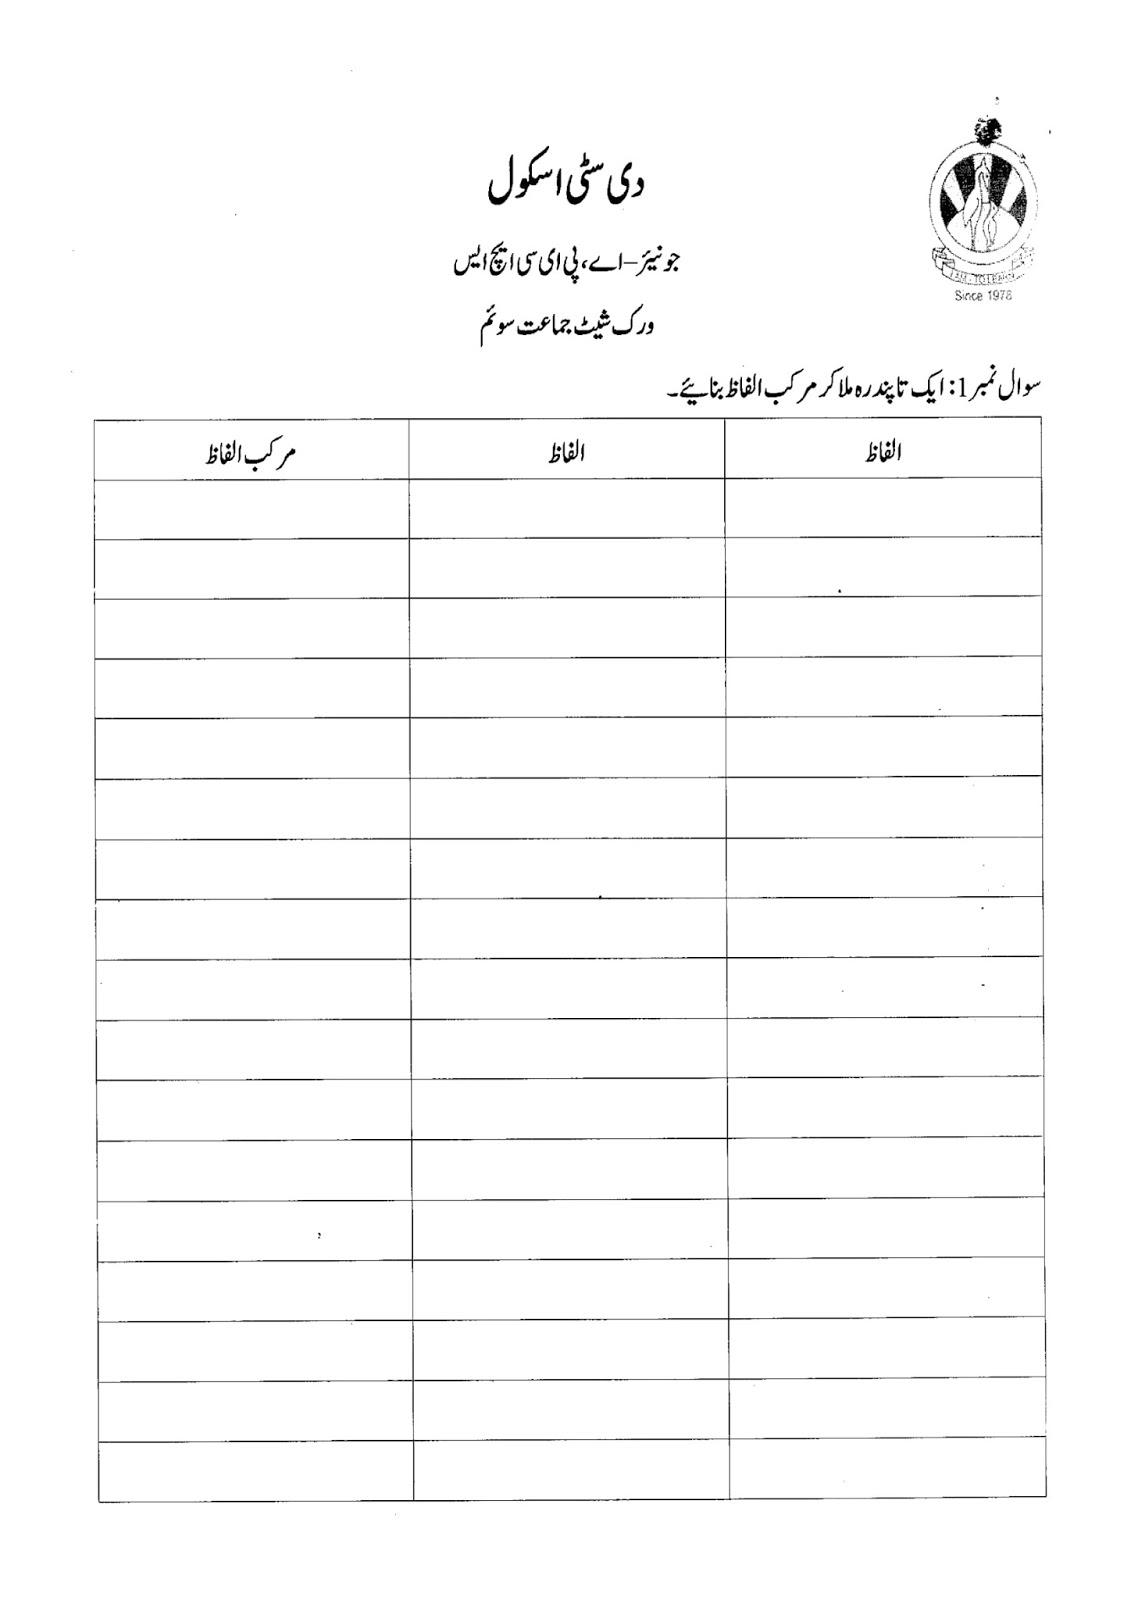 hight resolution of Urdu Letters Worksheets - Letter